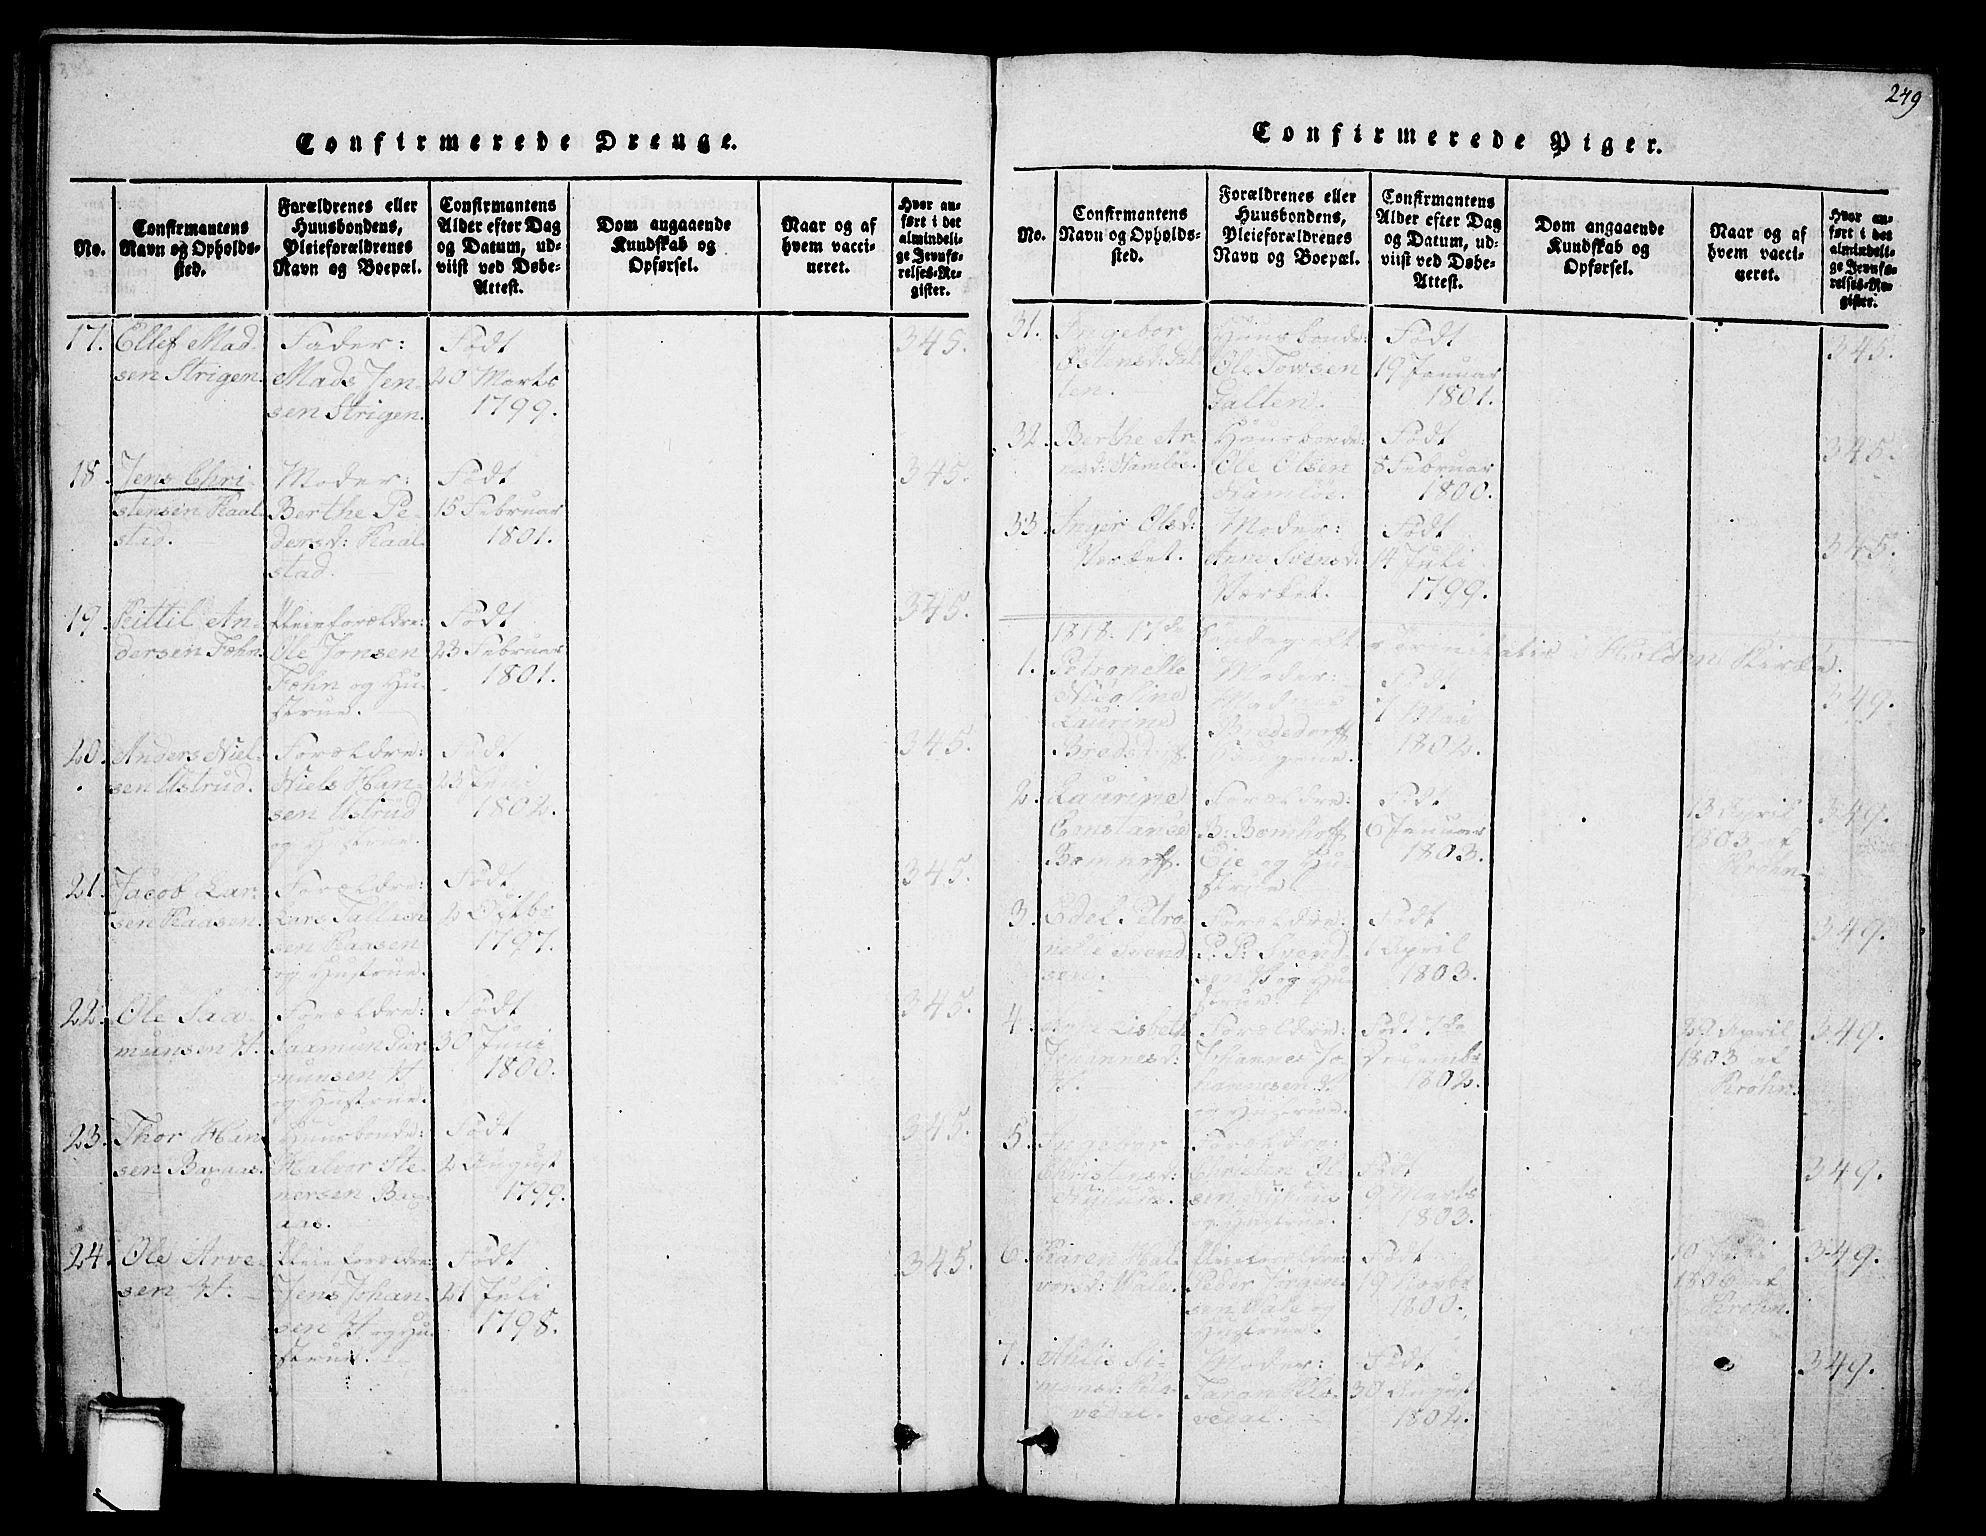 SAKO, Holla kirkebøker, G/Ga/L0001: Klokkerbok nr. I 1, 1814-1830, s. 249